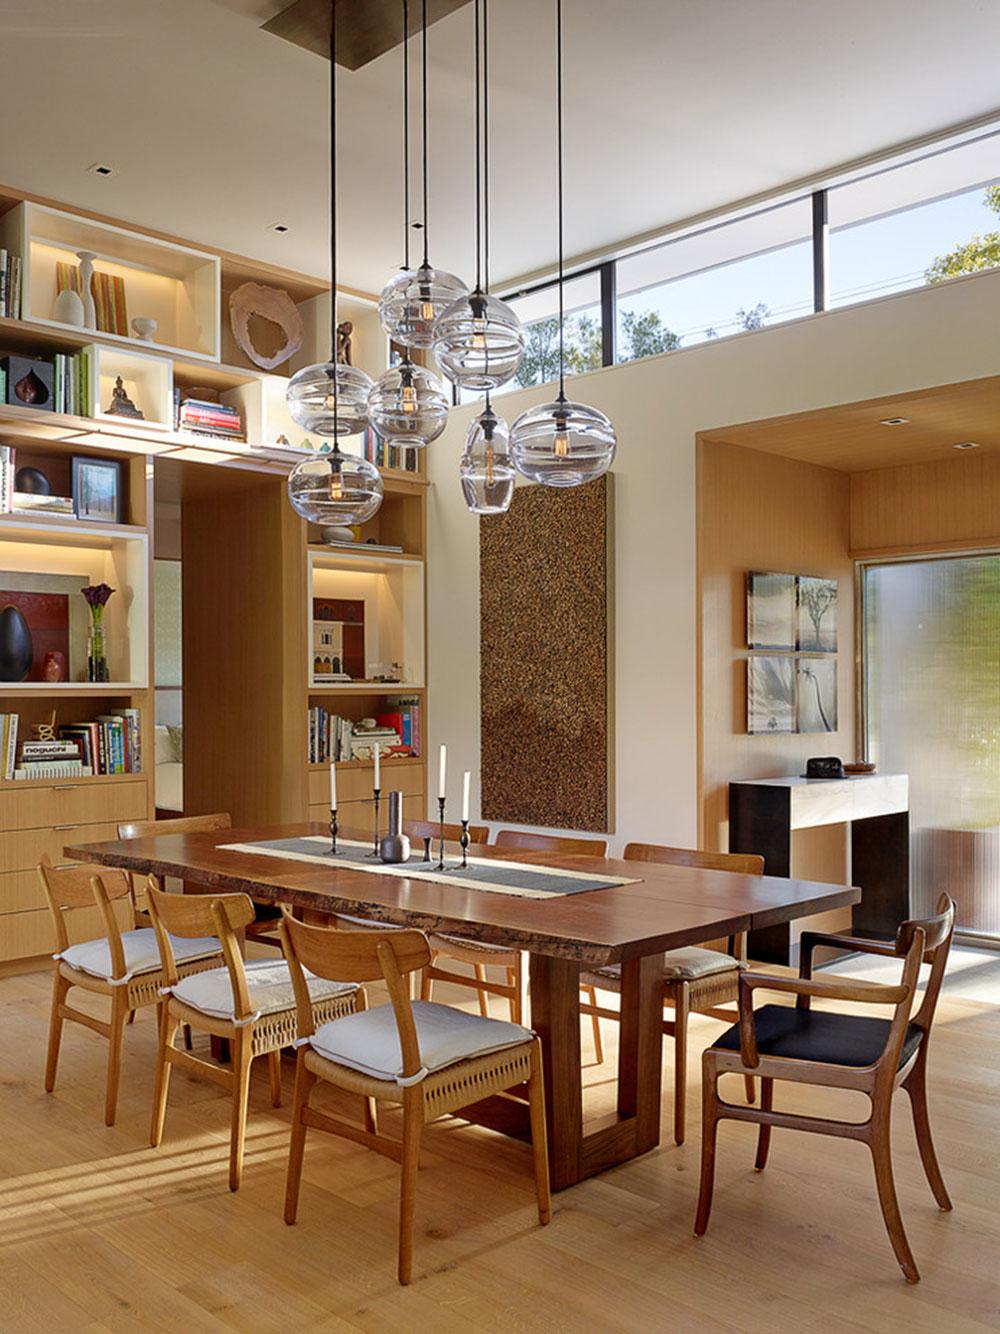 Interiör-belysning-design-för-hus-2 Interiör-belysning-design för hus